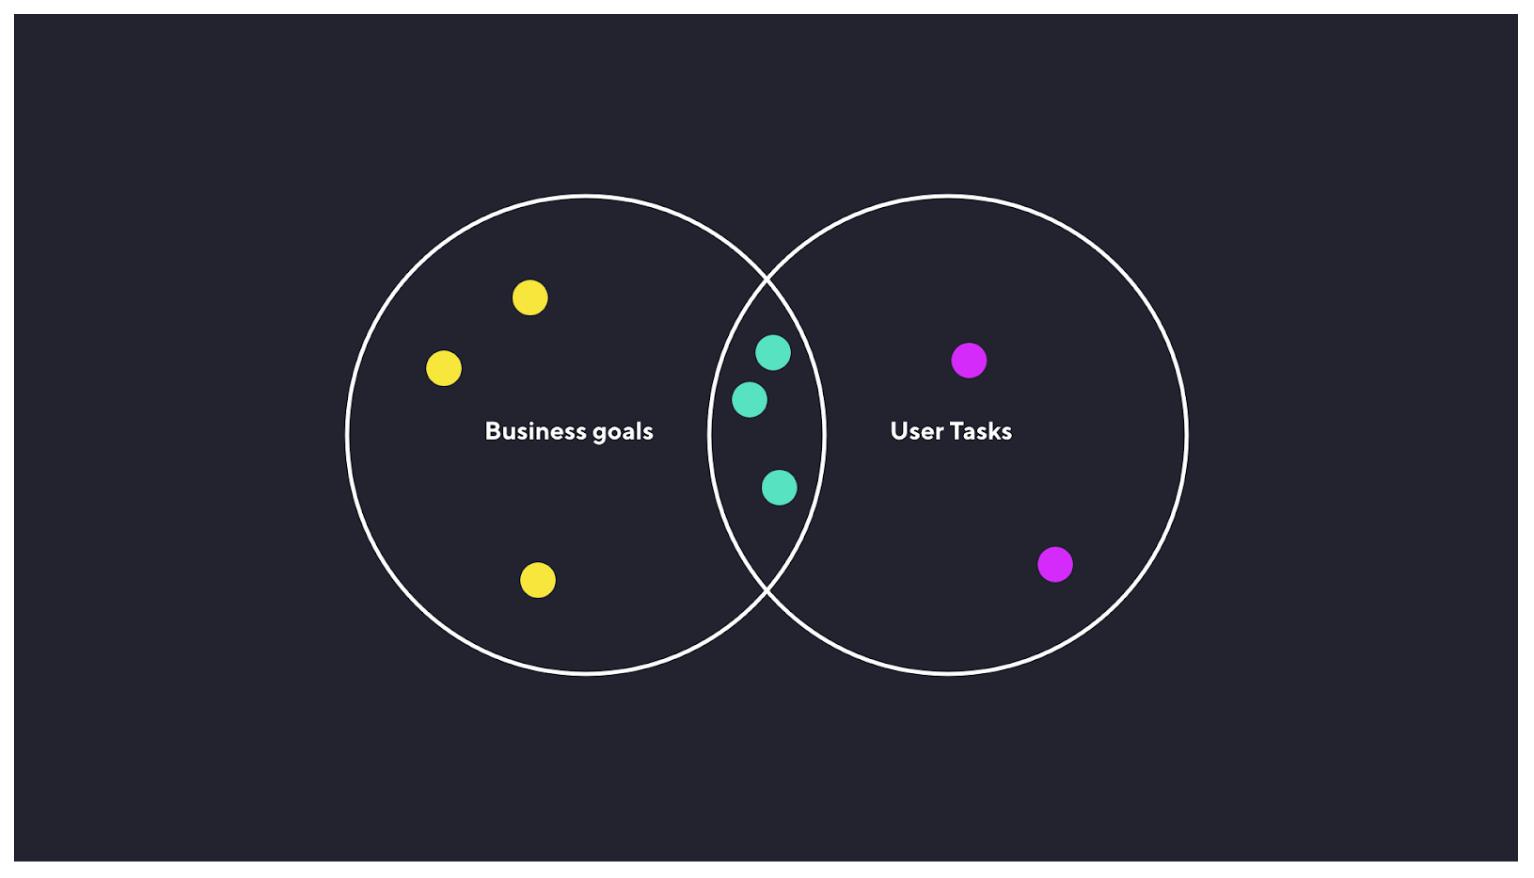 Venn diagram met business goals en gebruikerstaken die elkaar overlappen.